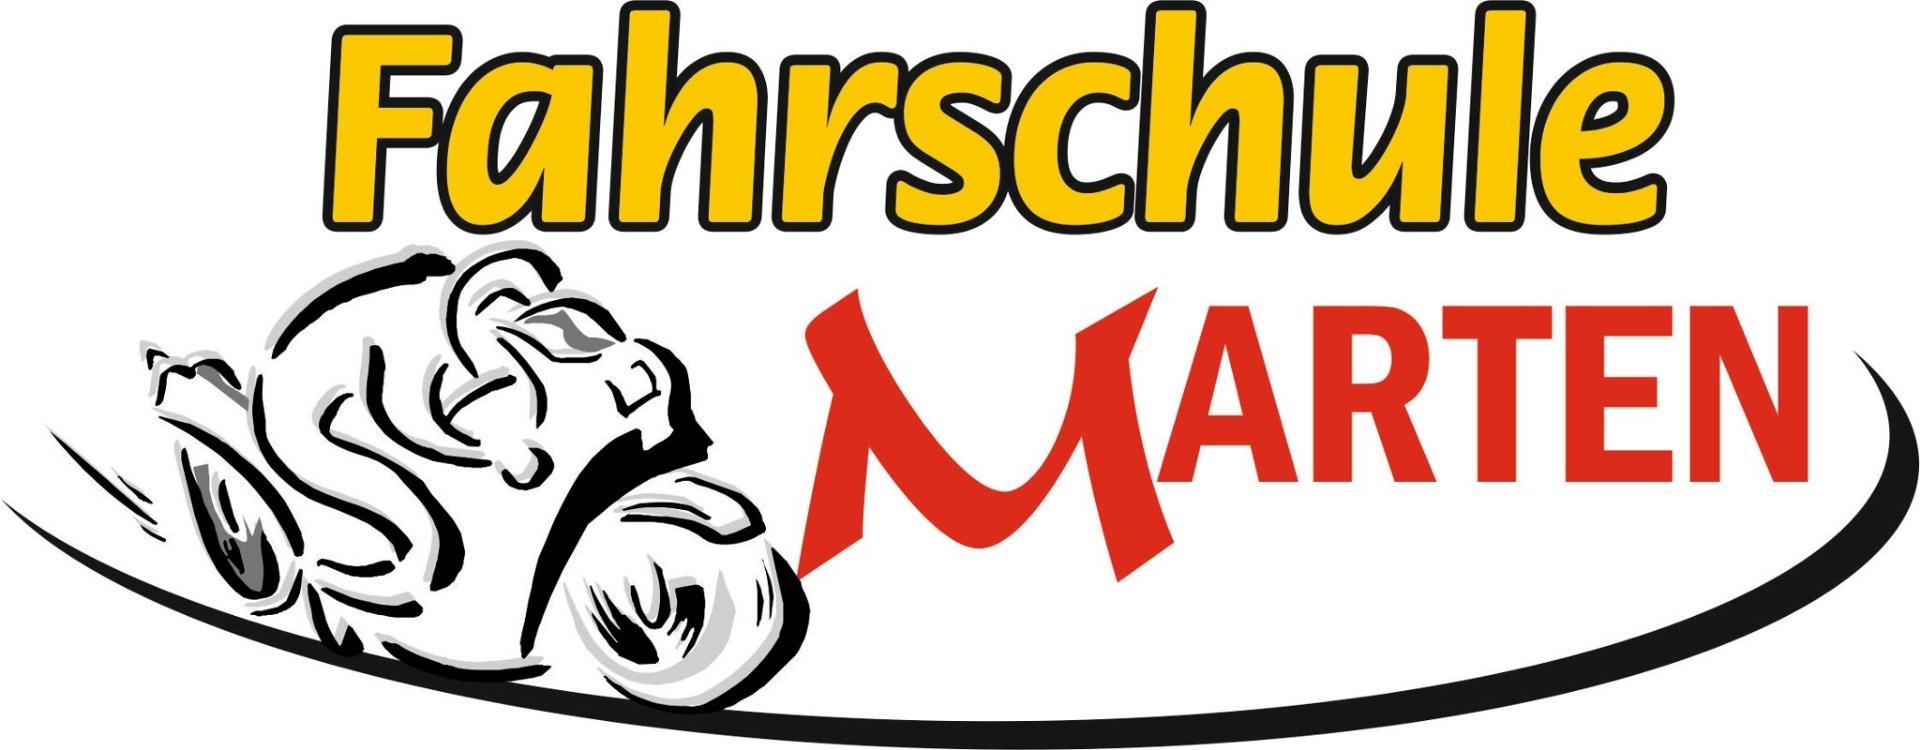 https://www.fahrschule-marten.de/